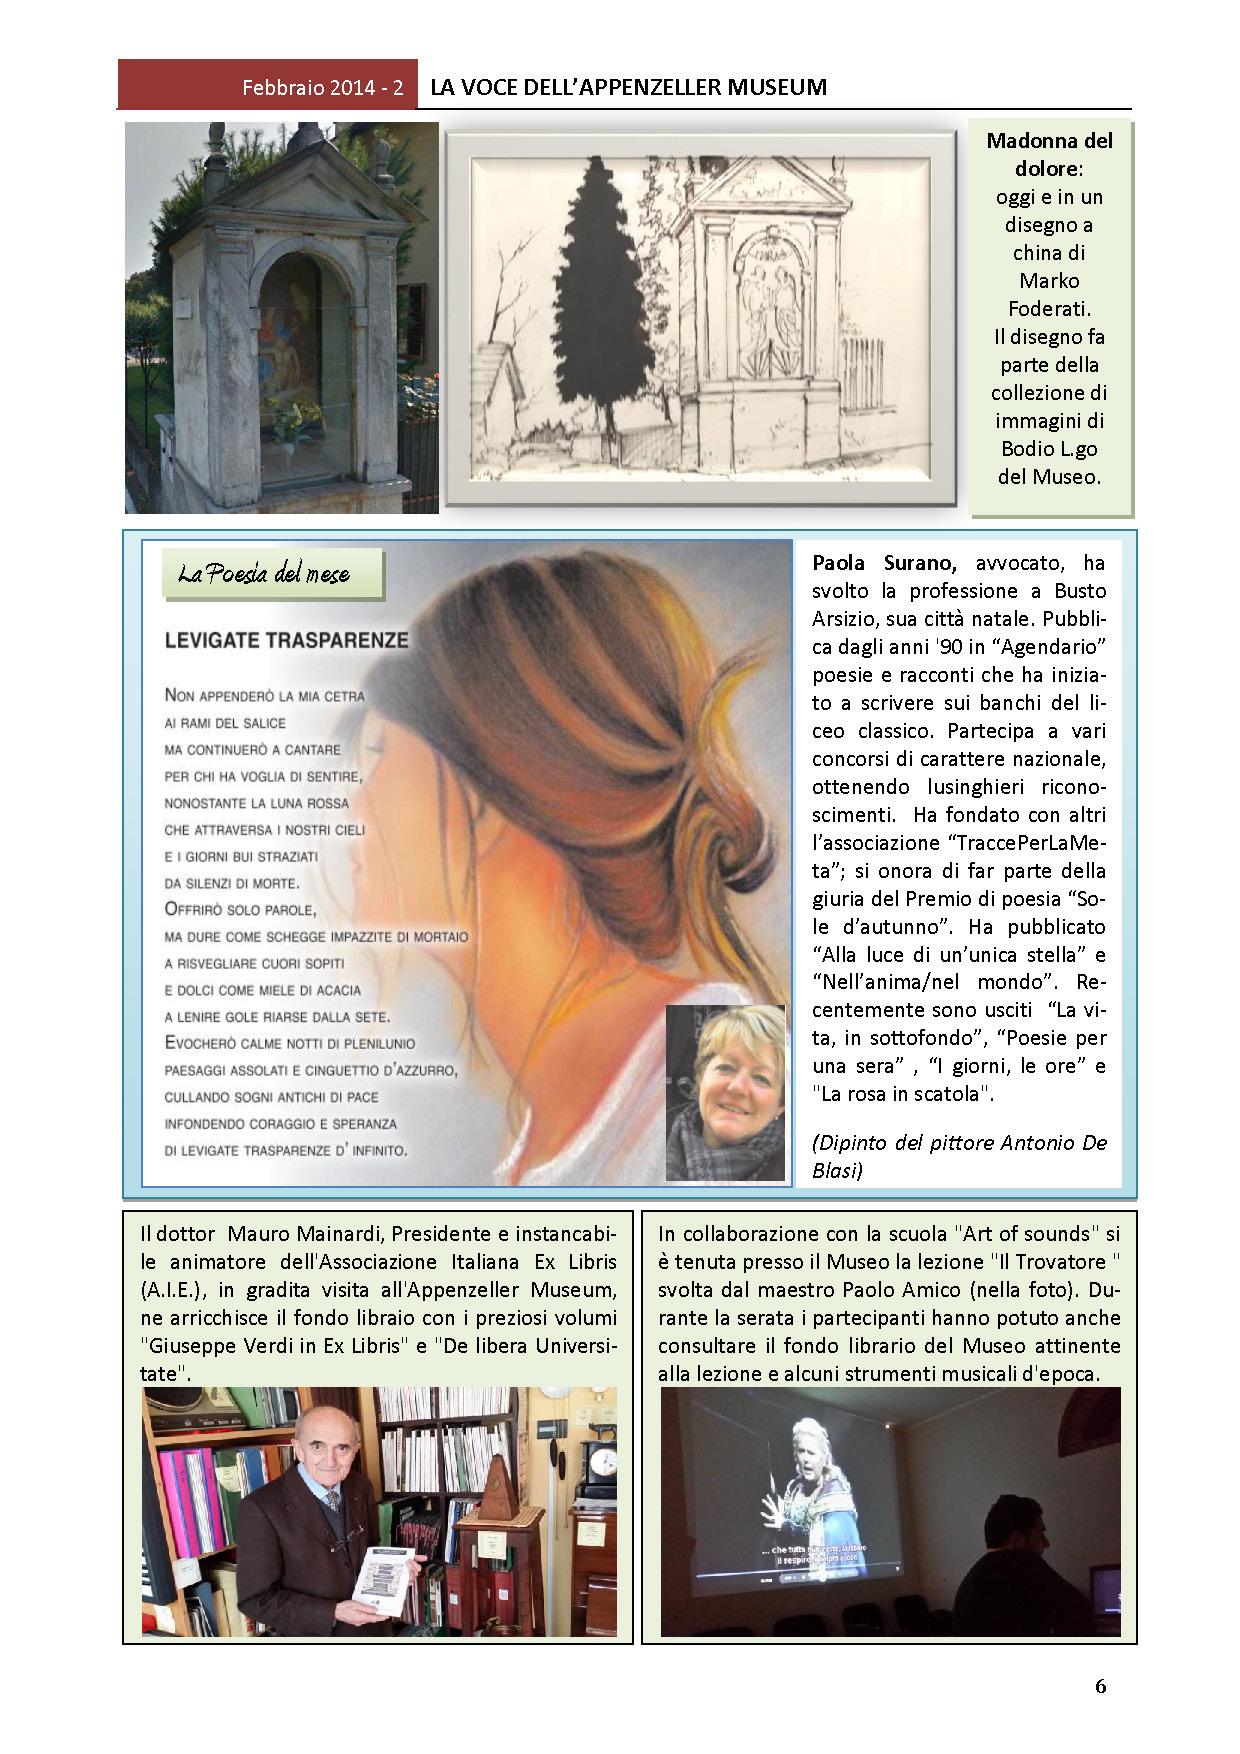 Febbraio 2014, n.2, La Voce dell'Appenzeller Museum – Paola Surano, Poeta del mese